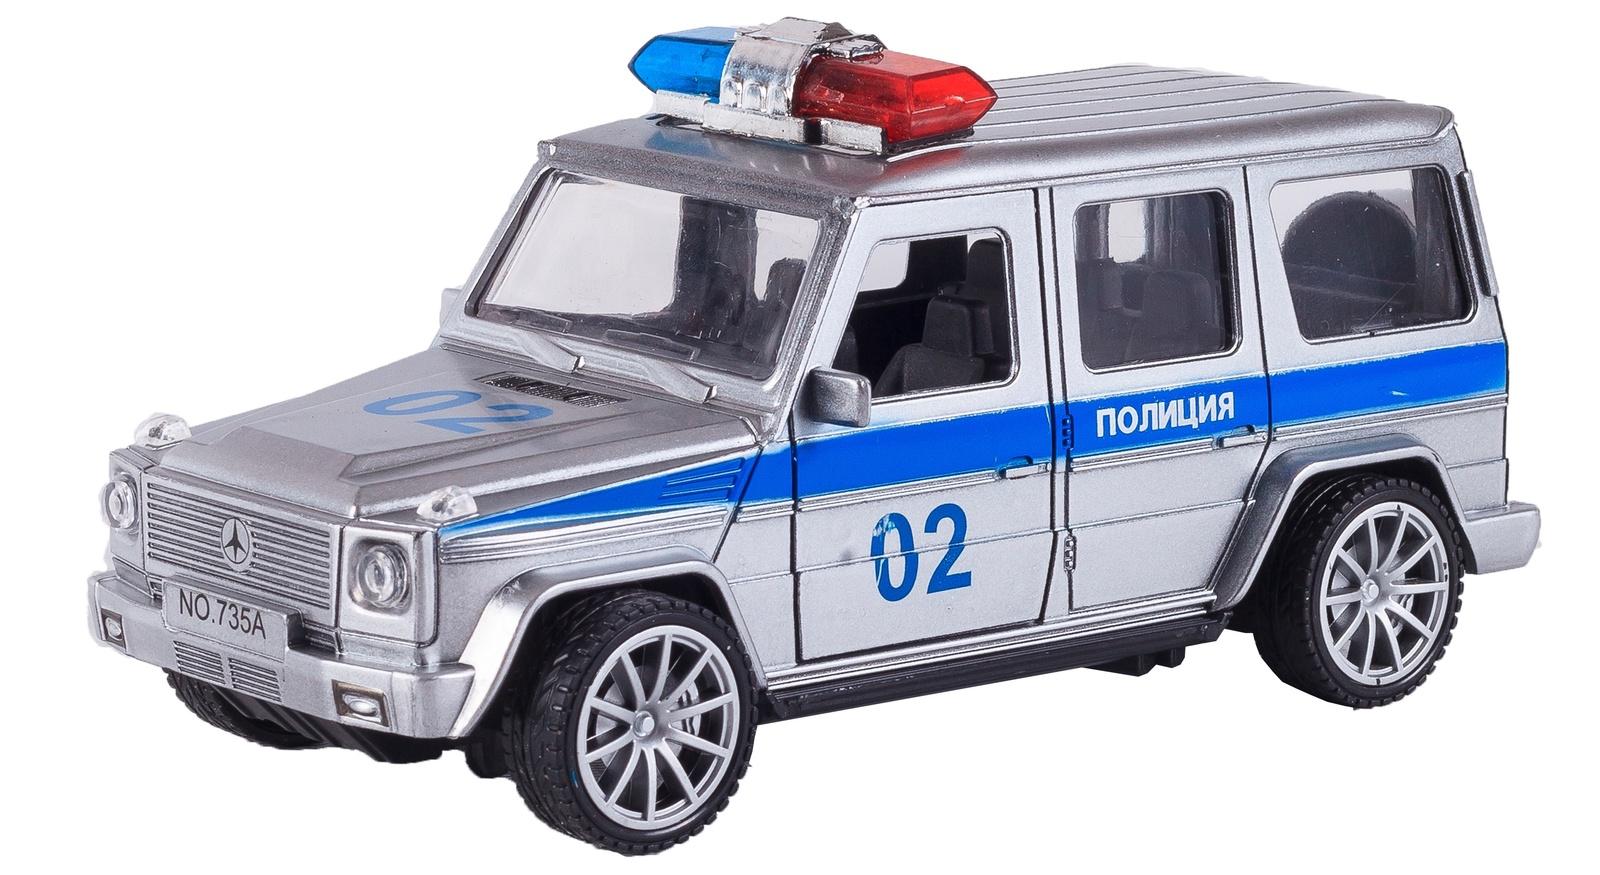 Машинка S+S Полиция, 200030603 машины s s toys машинка радиоуправляемая мега драйв